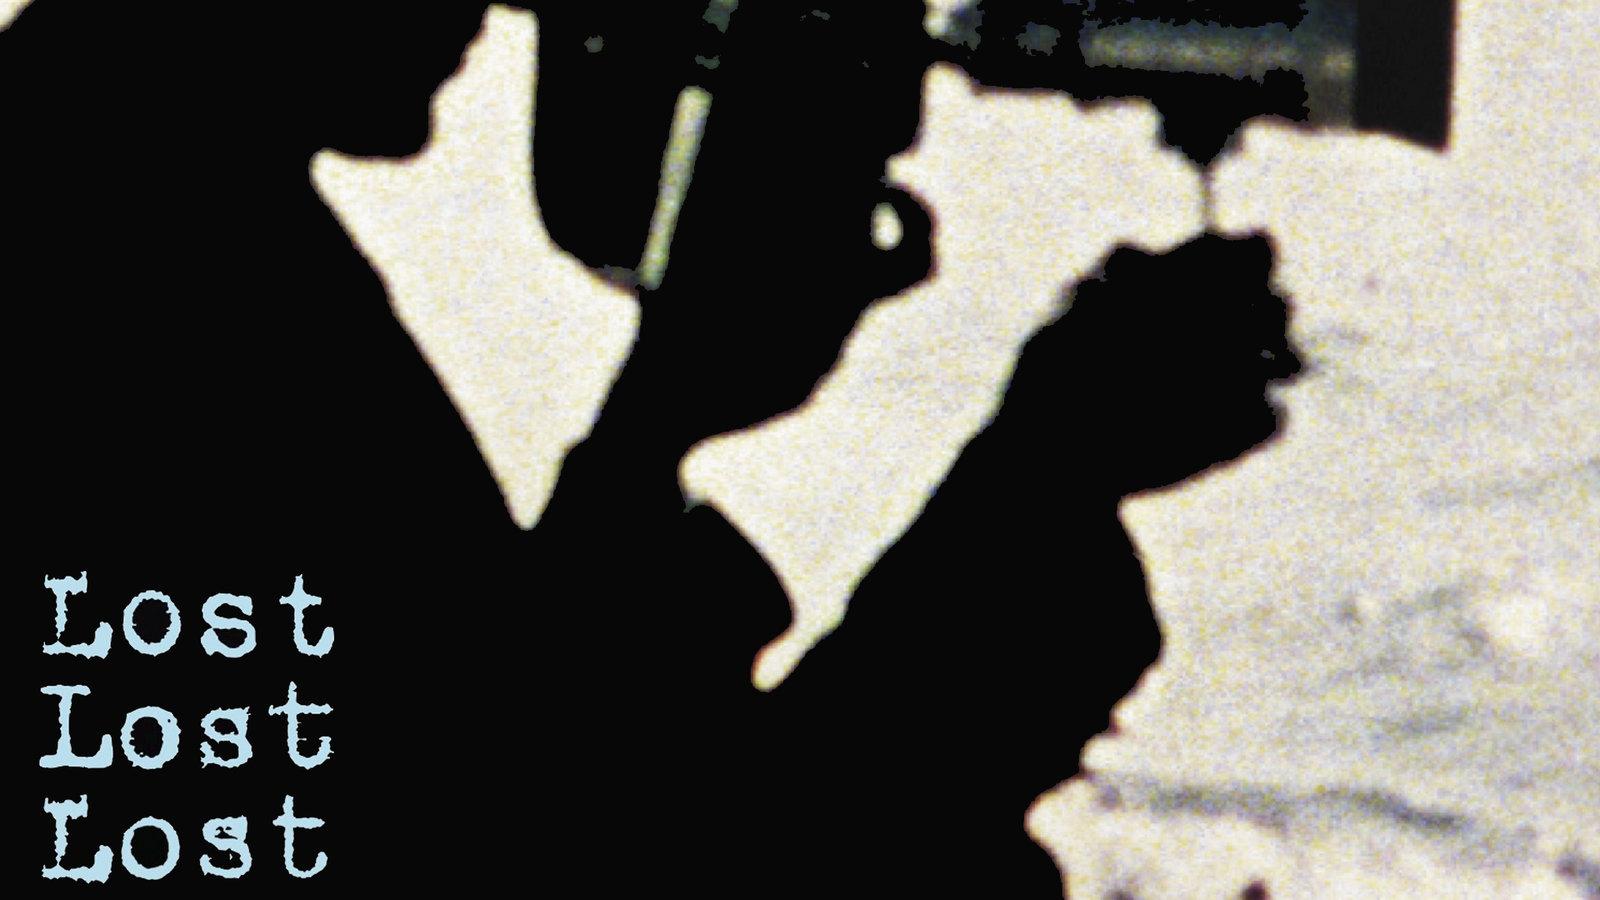 Lost Lost Lost - The Early Years of Avant-Garde Filmmaker Jonas Mekas